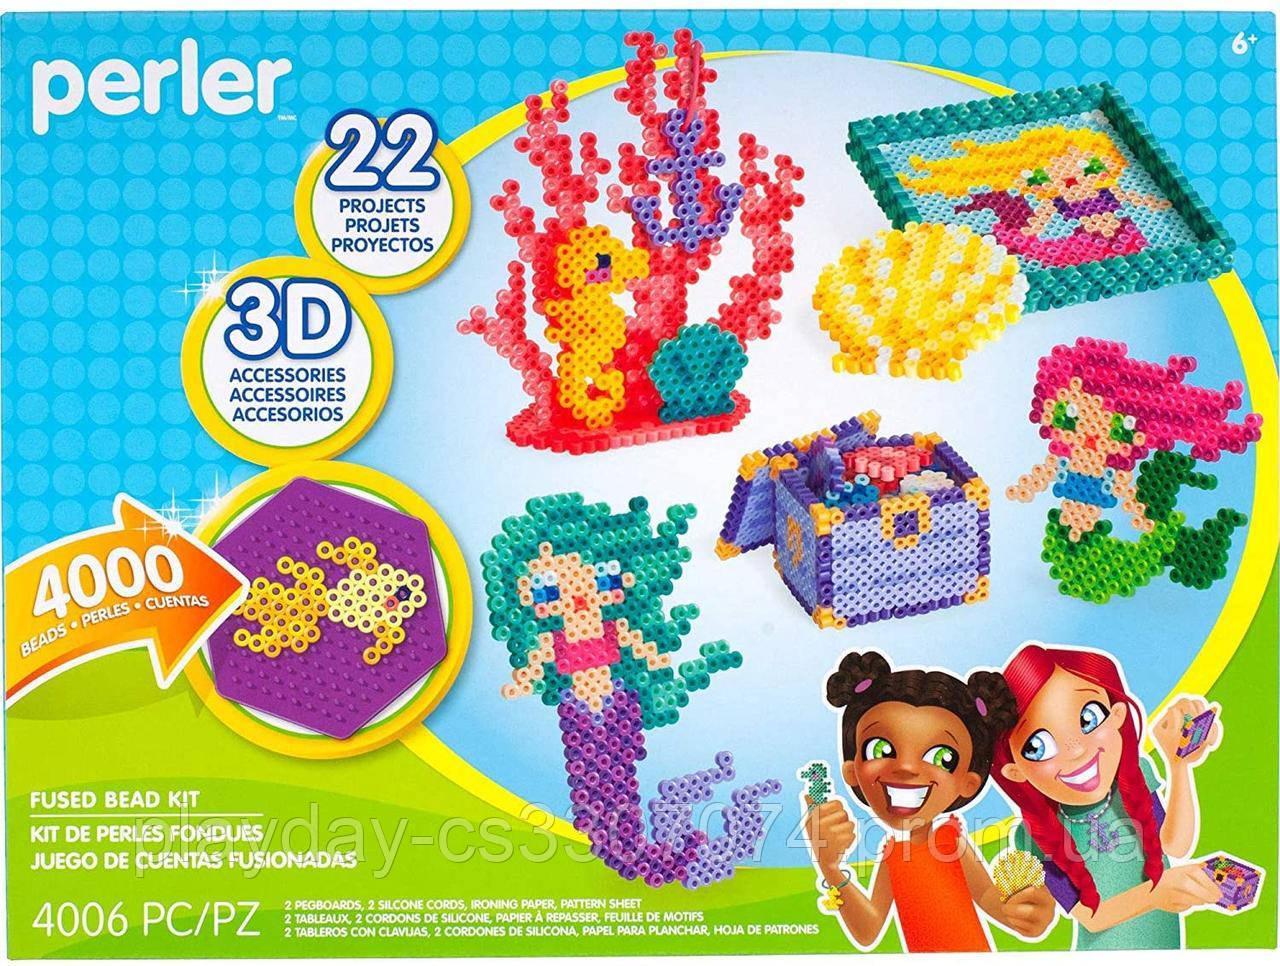 Набор 3D термомозаики для девочек от Американской фирмы Perler. 22 дизайна на тему русалок и океана